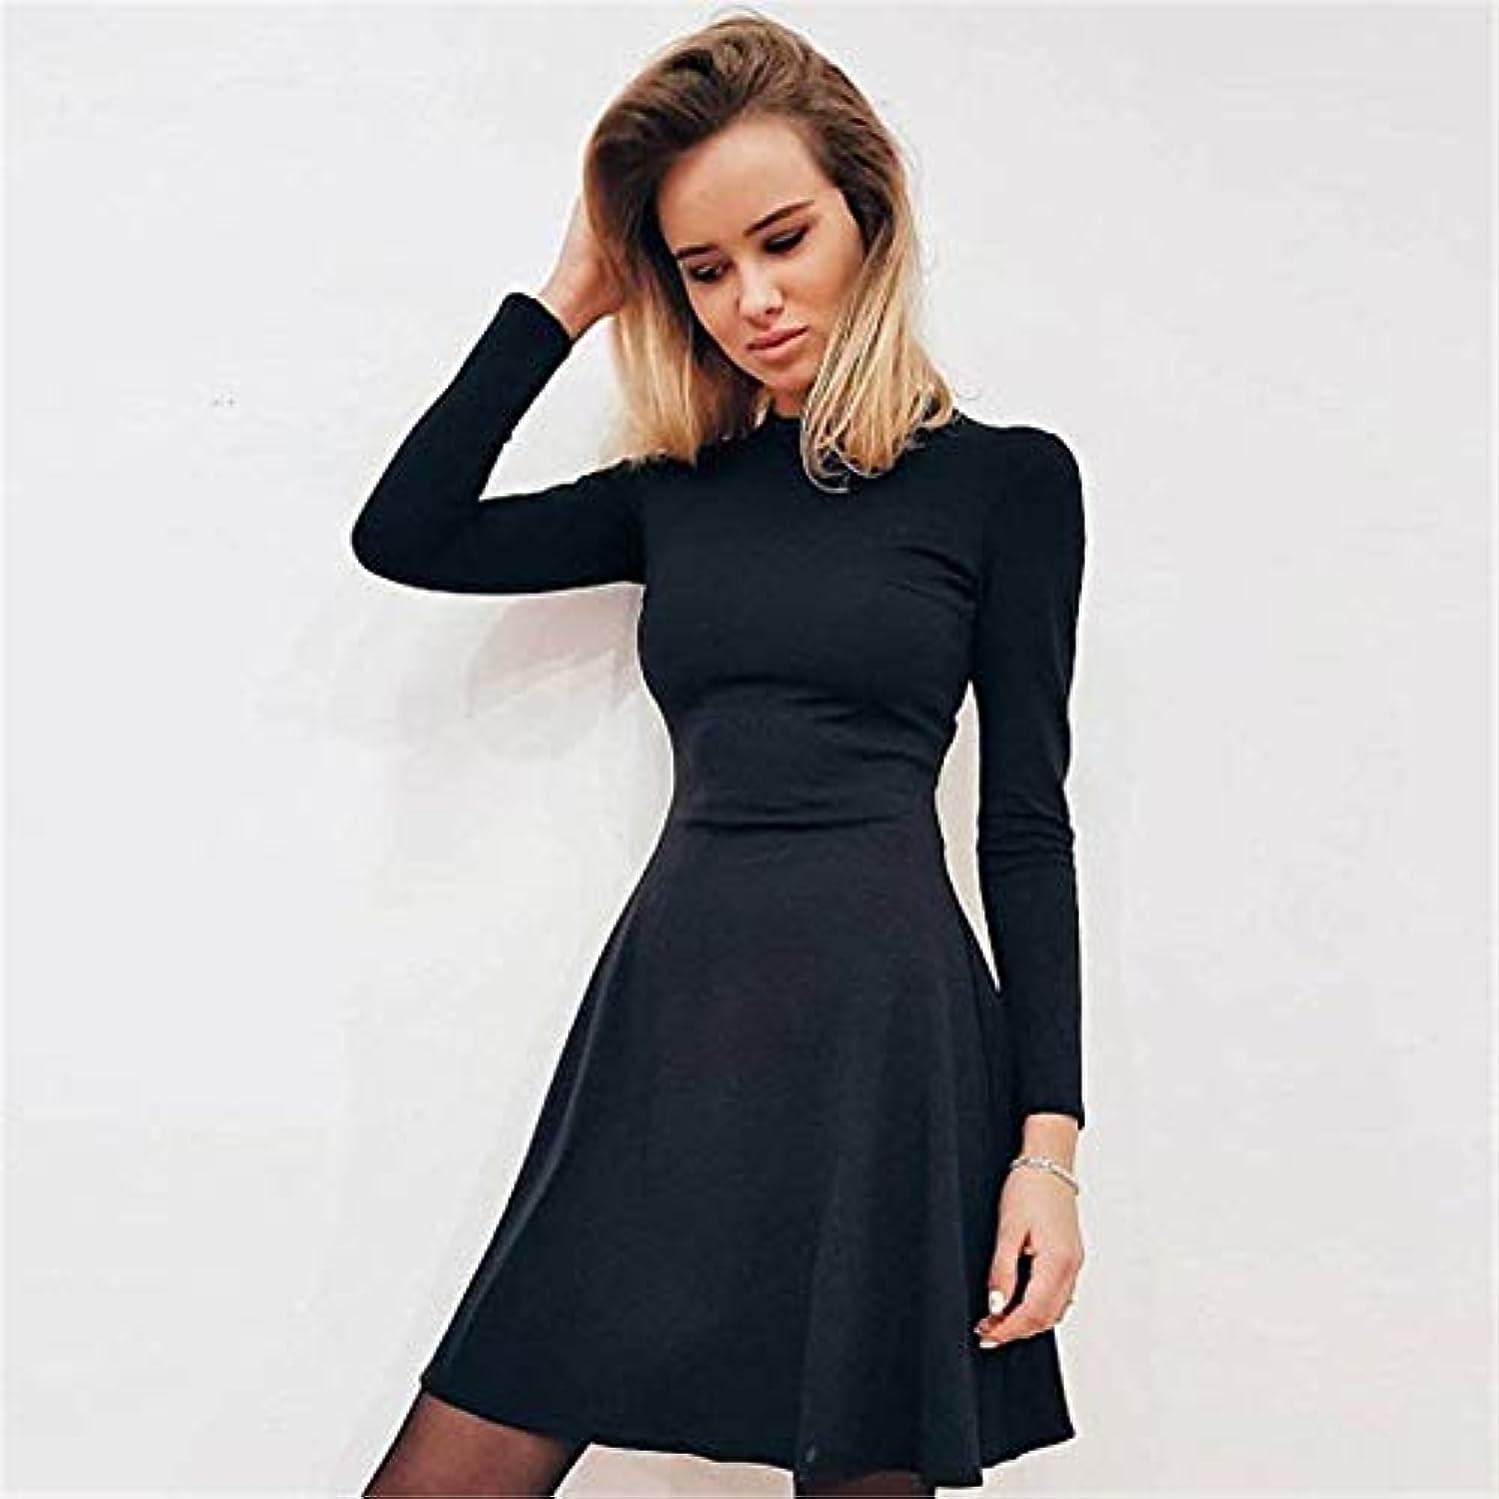 牛刺す承知しましたMaxcrestas - 秋と冬の新しい女性の長袖タイトフィットドレスの秋と冬のスリムでエレガントな品質のミニドレス